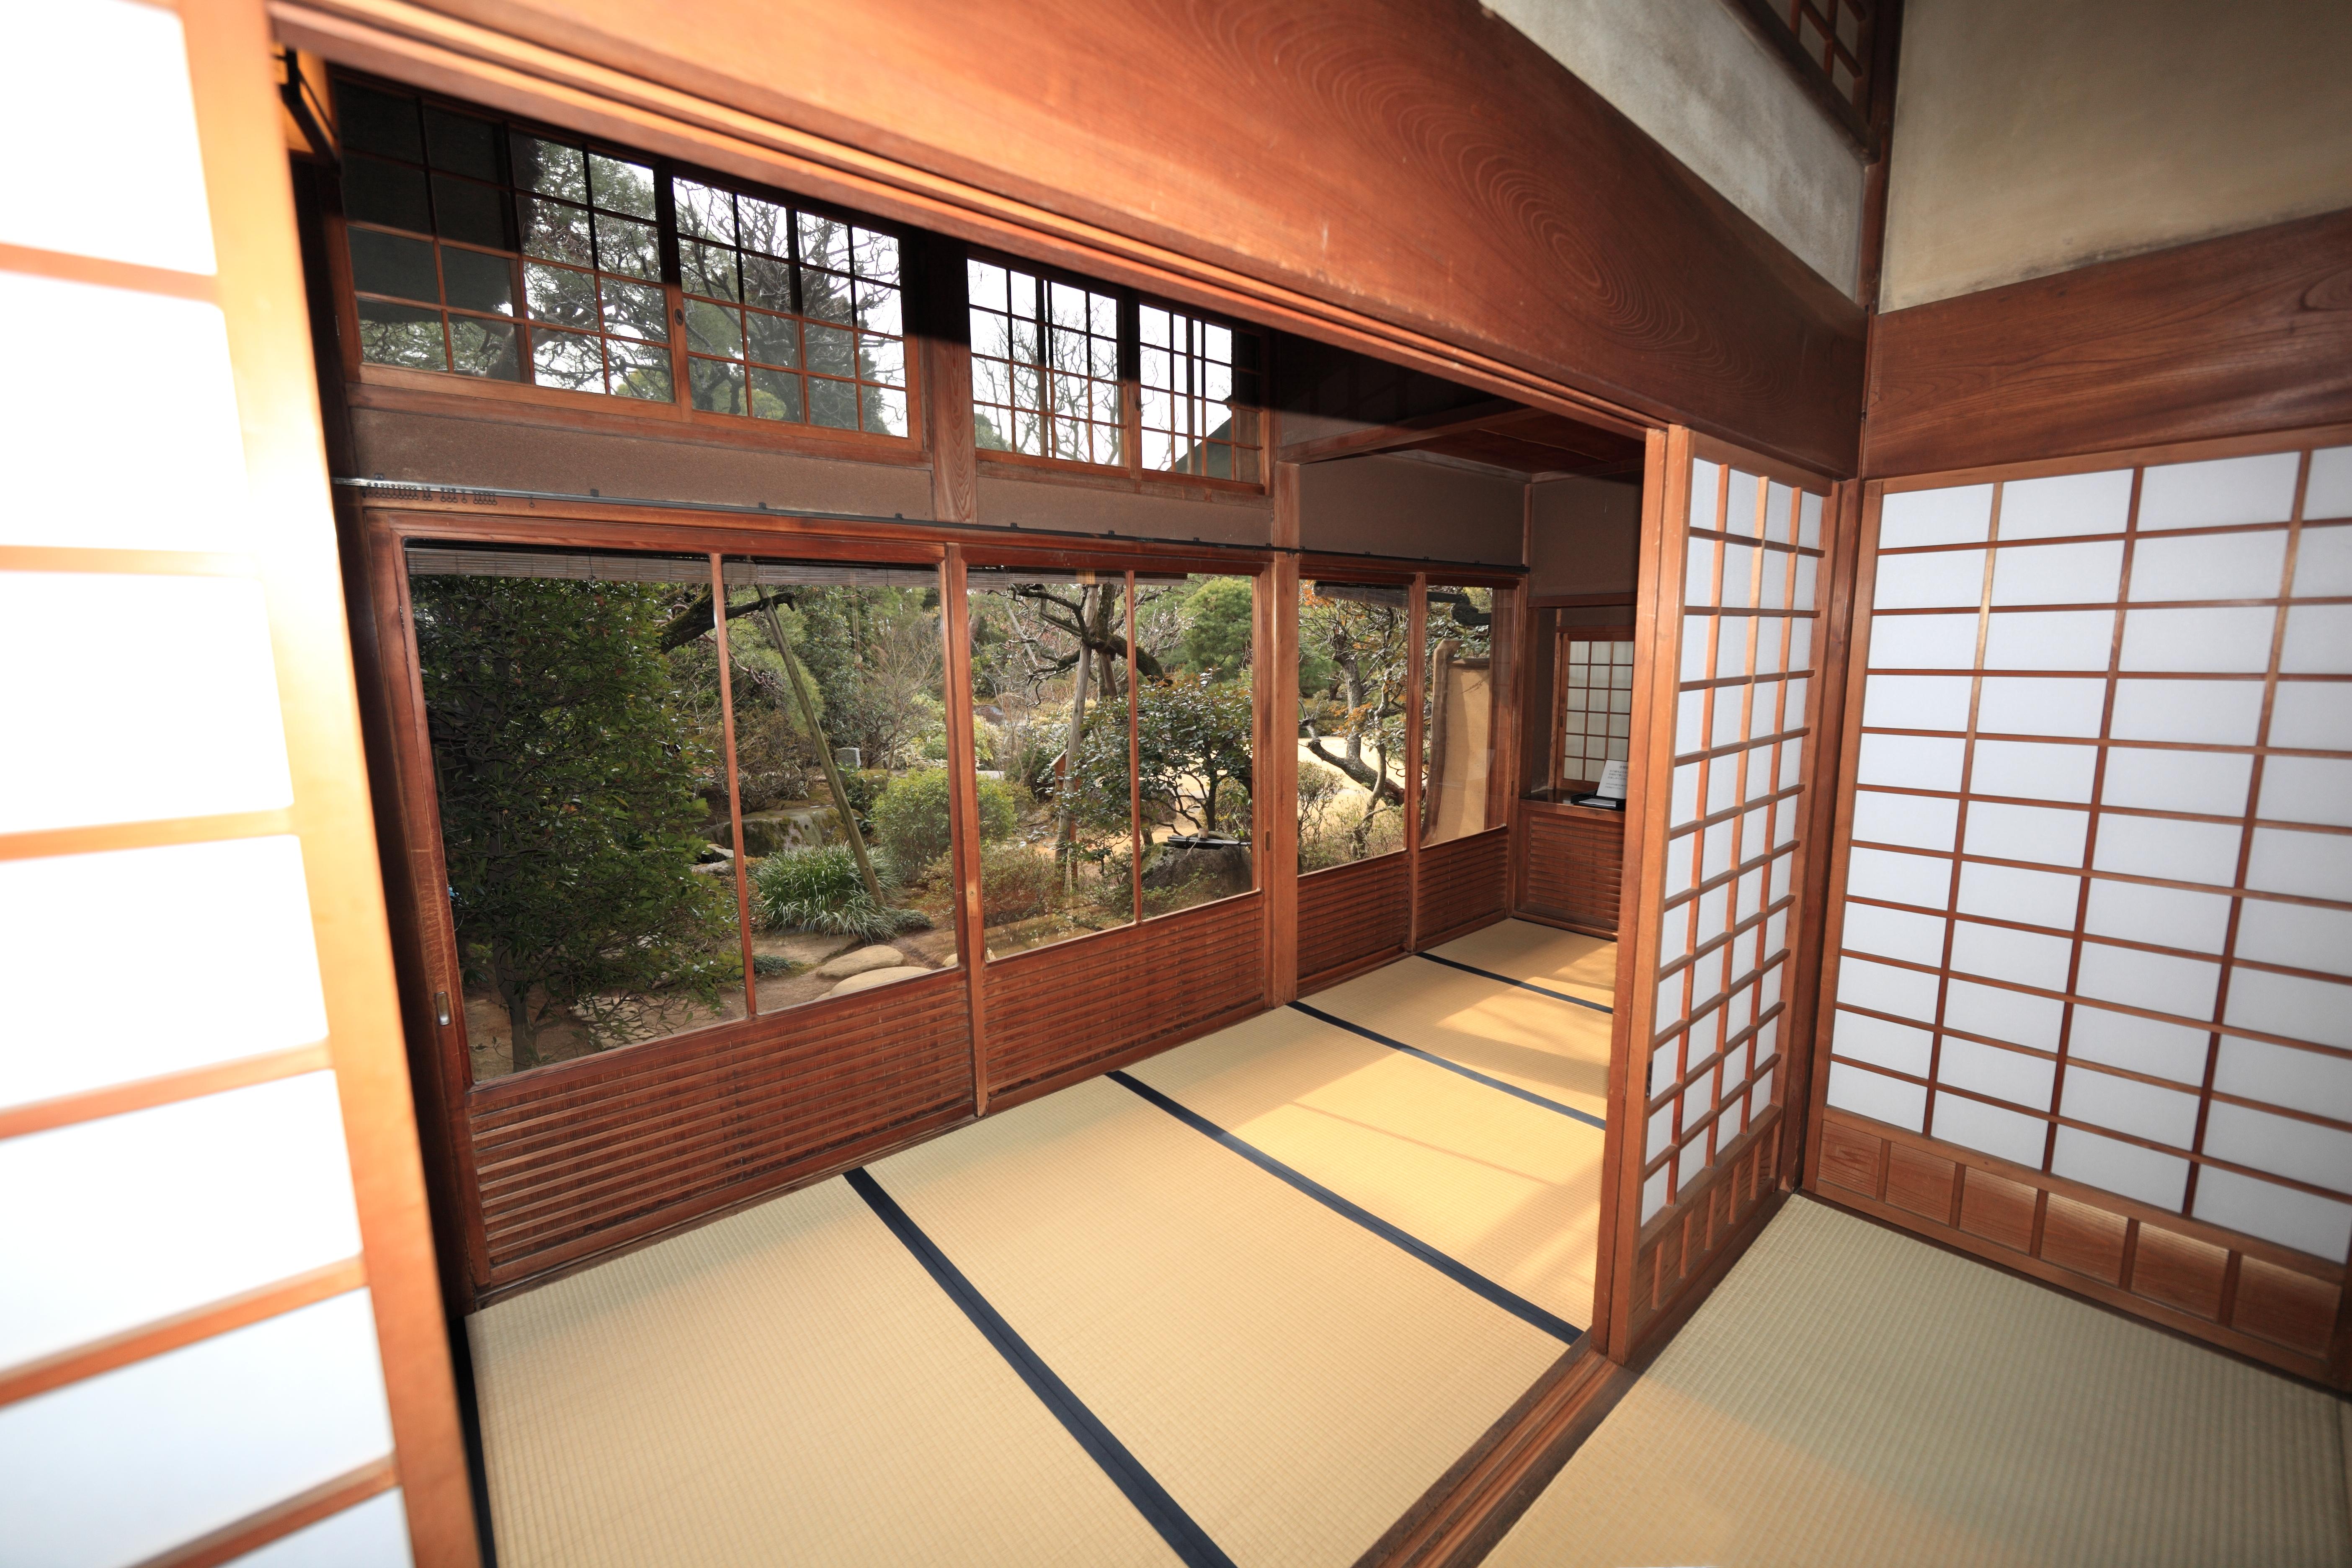 Gambar Arsitektur Kayu Rumah Lantai Pedalaman Jendela Tinggi